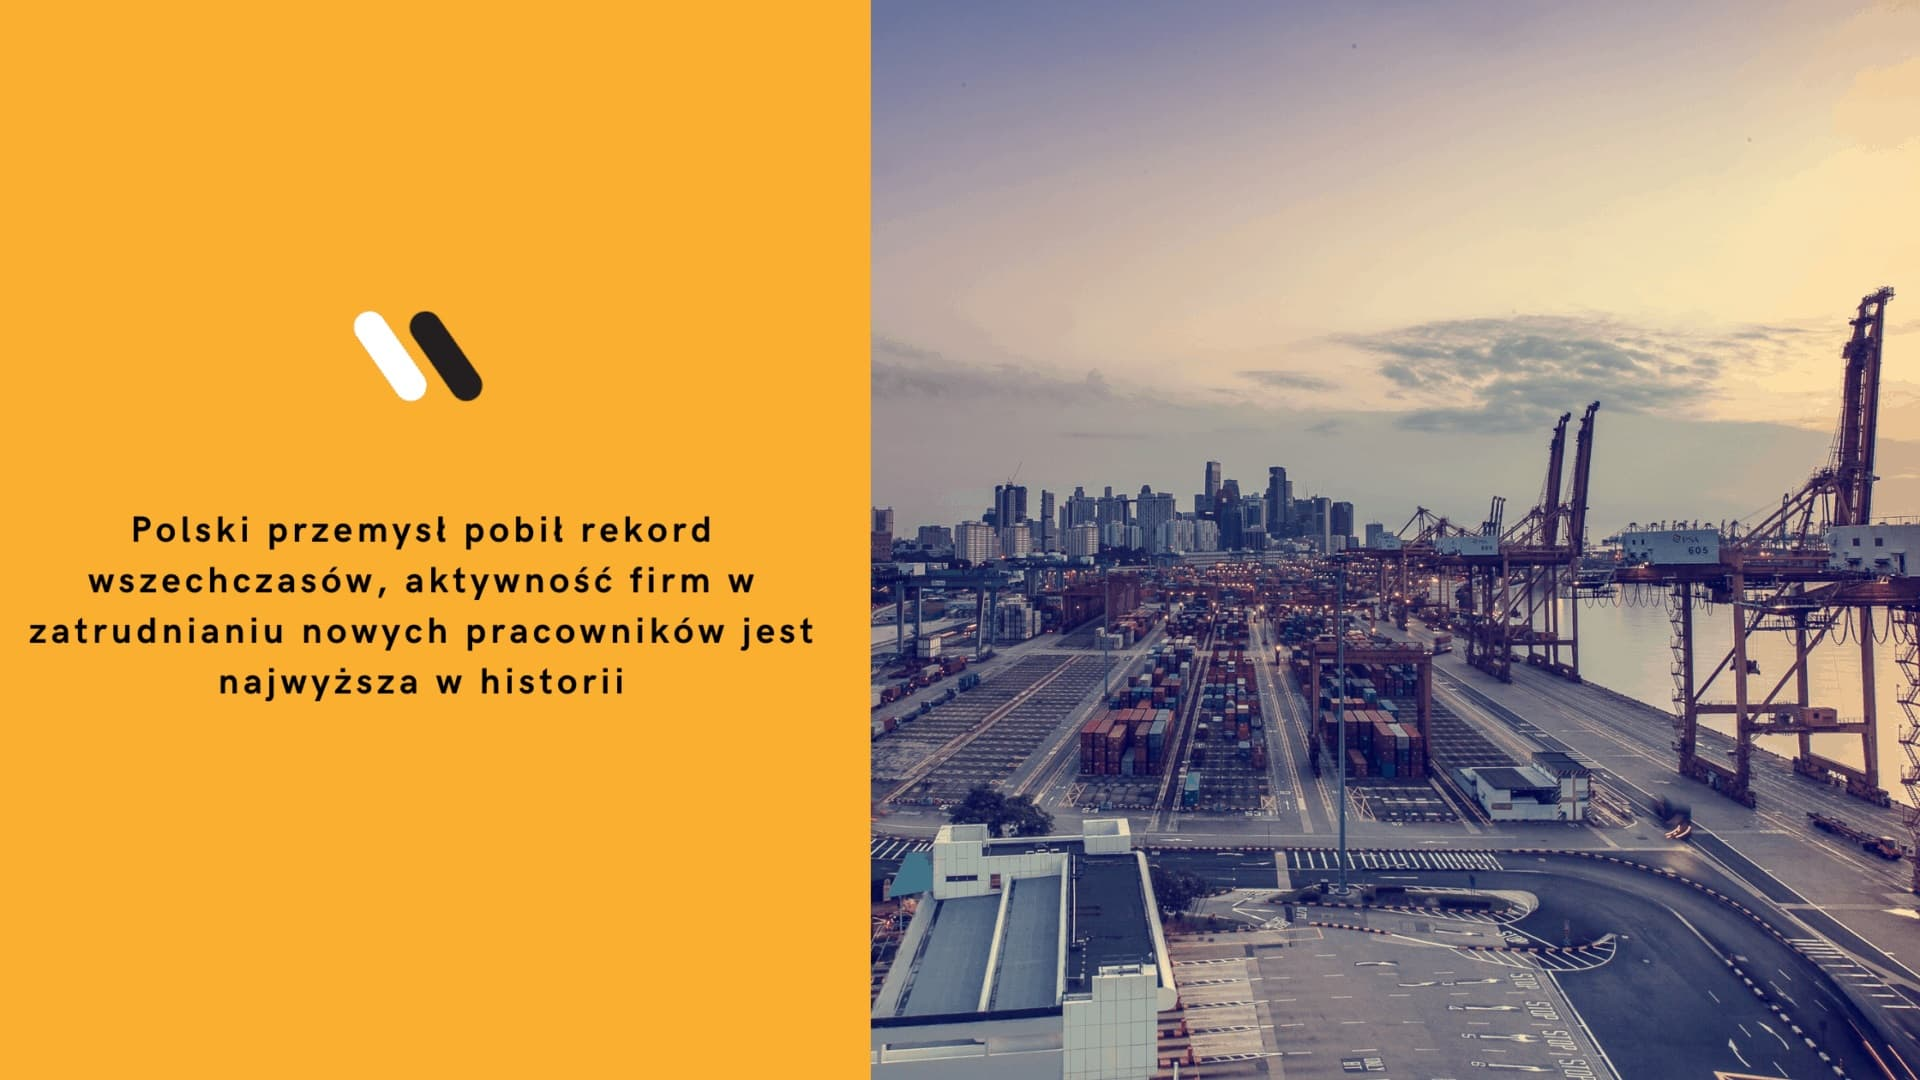 Polski przemysł pobił rekord wszechczasów, aktywność firm wzatrudnianiu nowych pracowników jest najwyższa whistorii